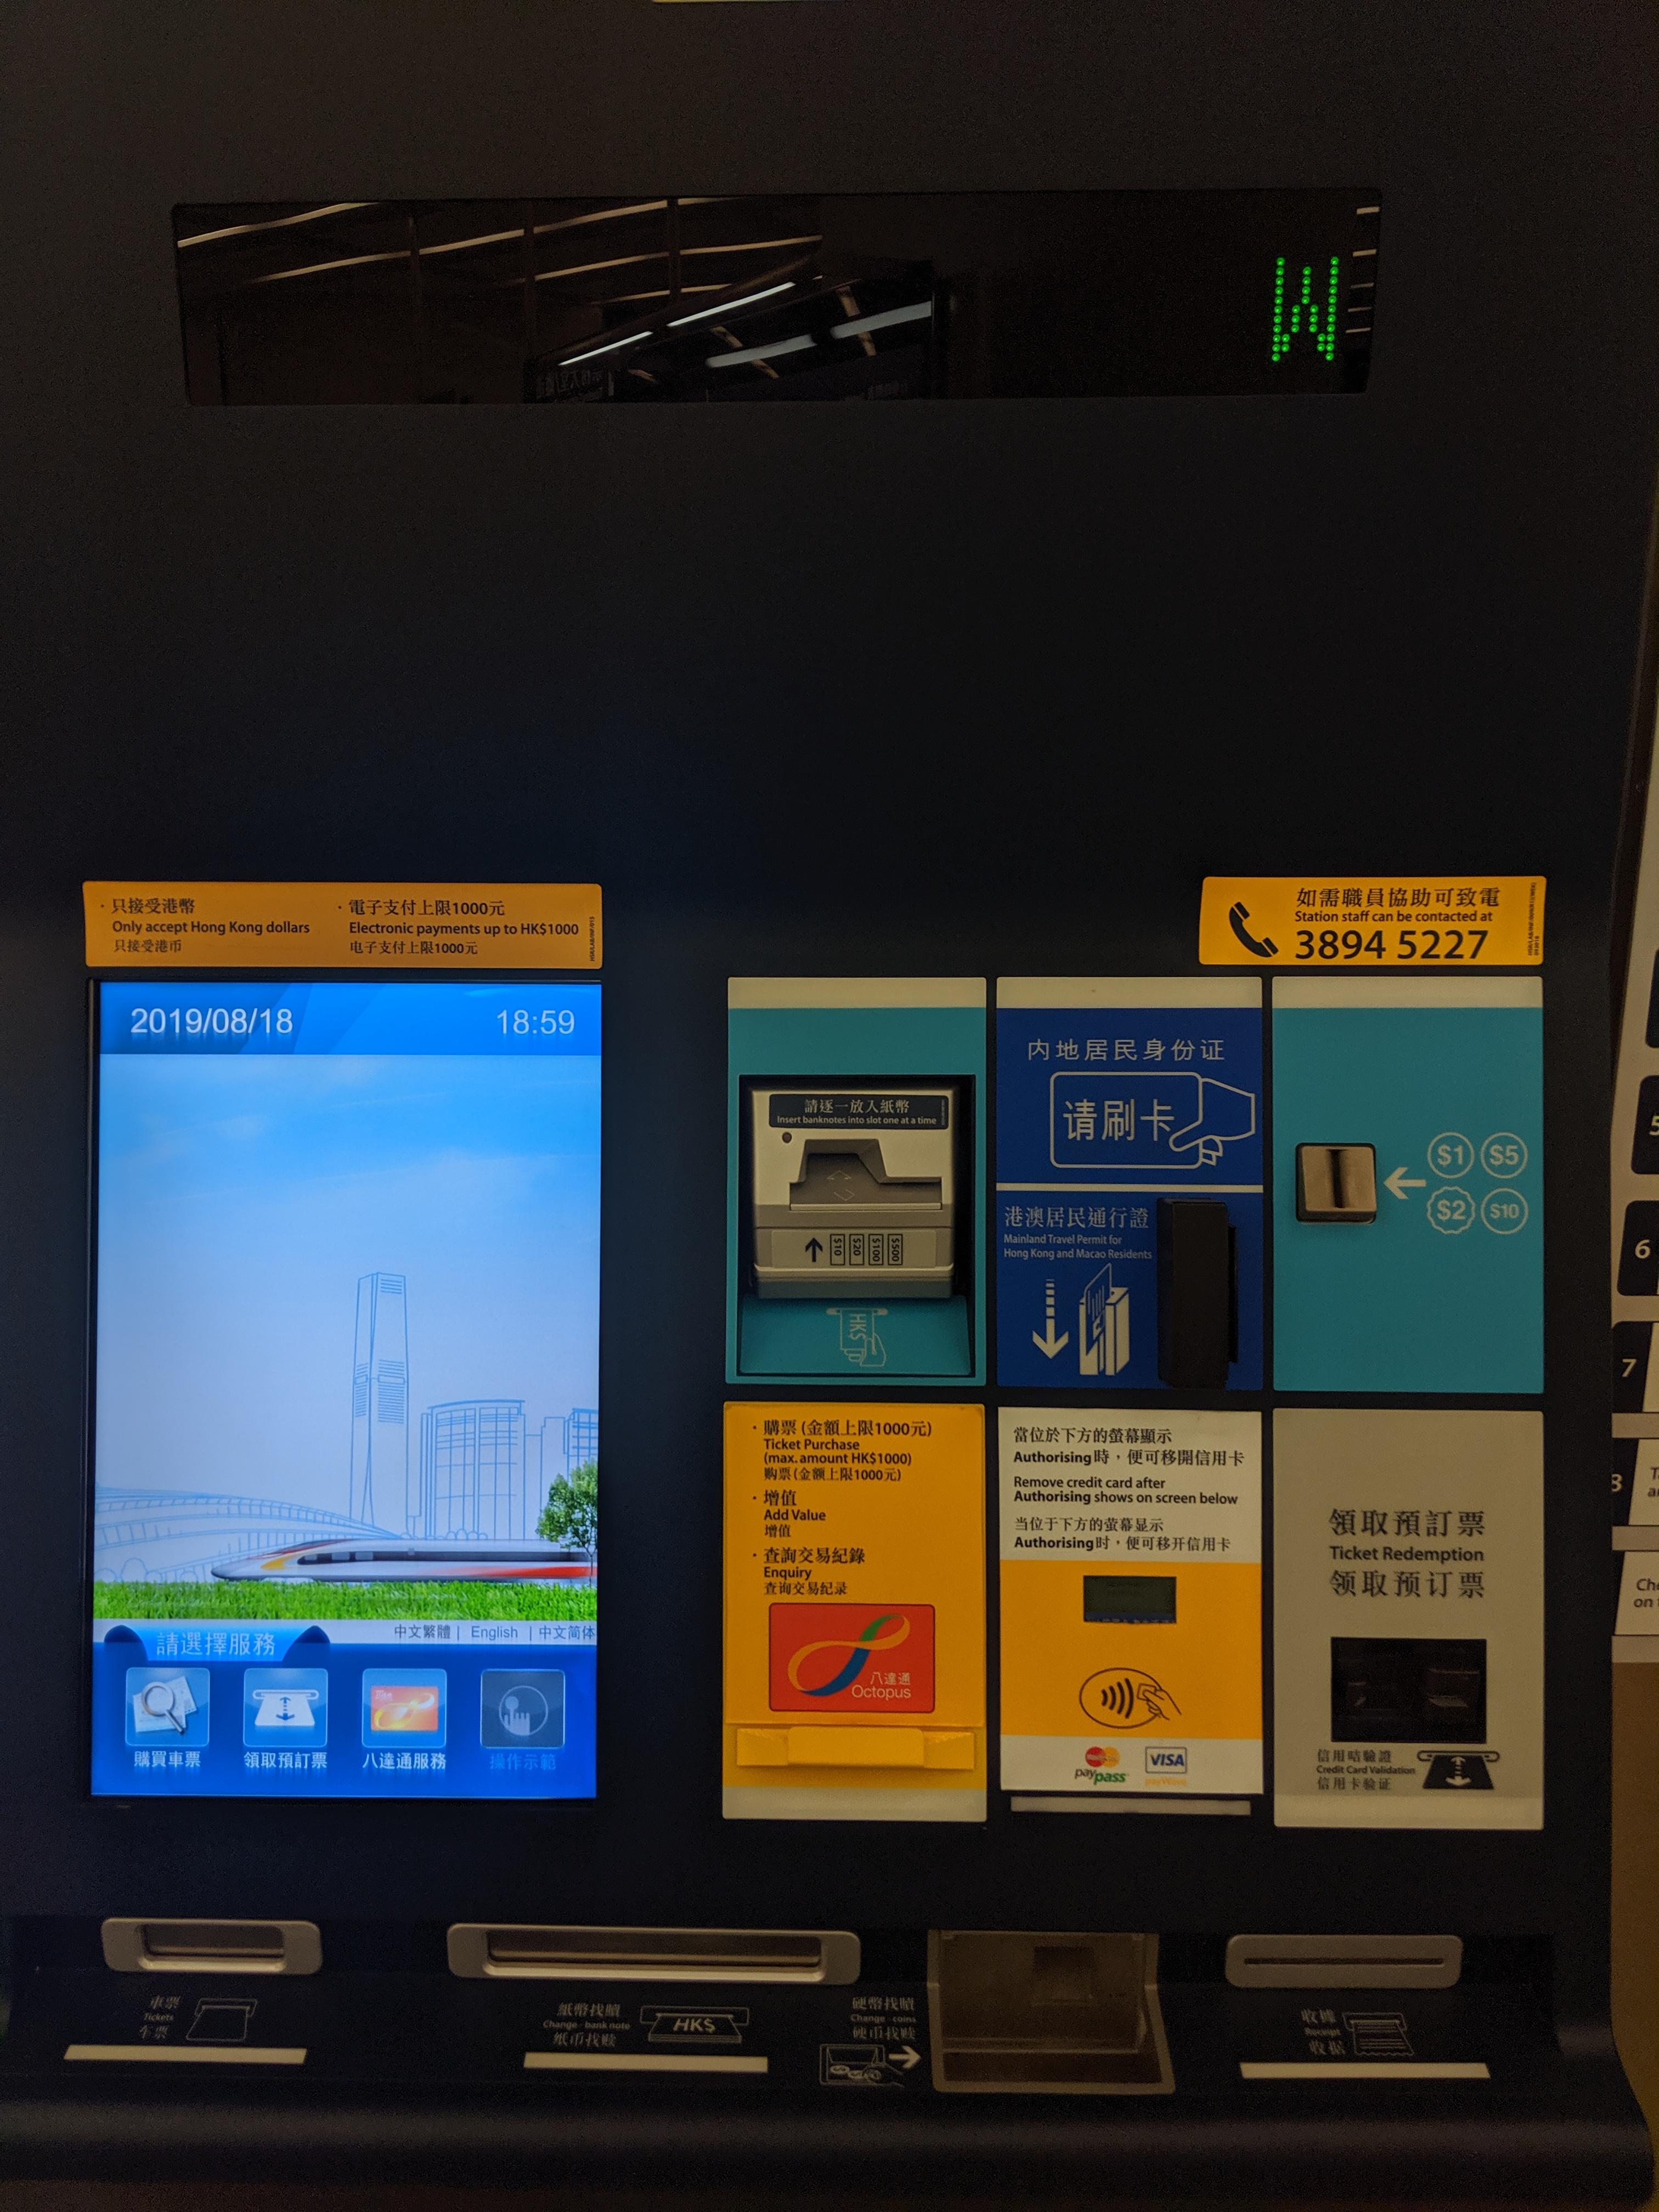 香港西九龙站的高速铁路售票机